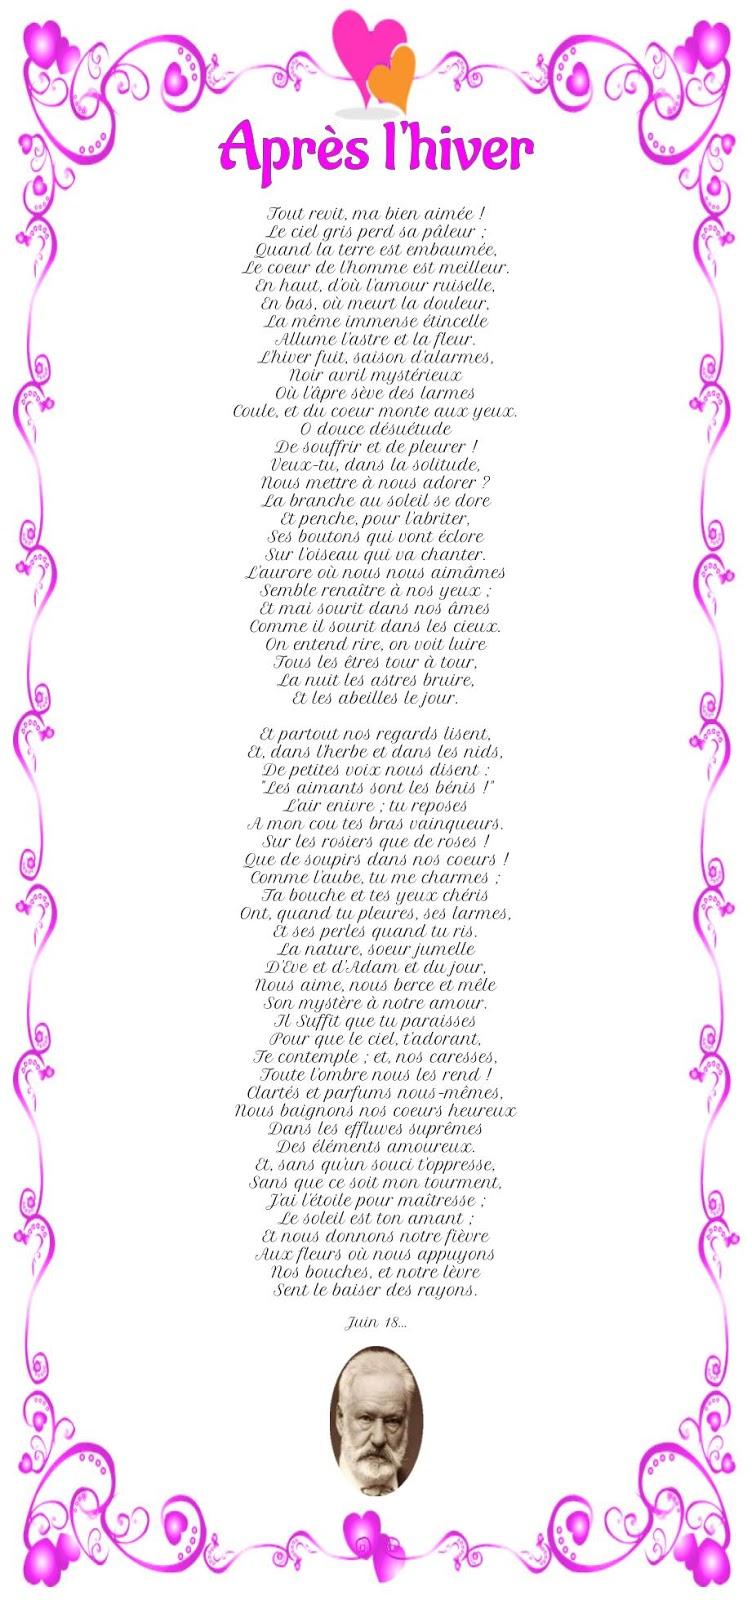 Poème Après l'hiver de Victor Hugo